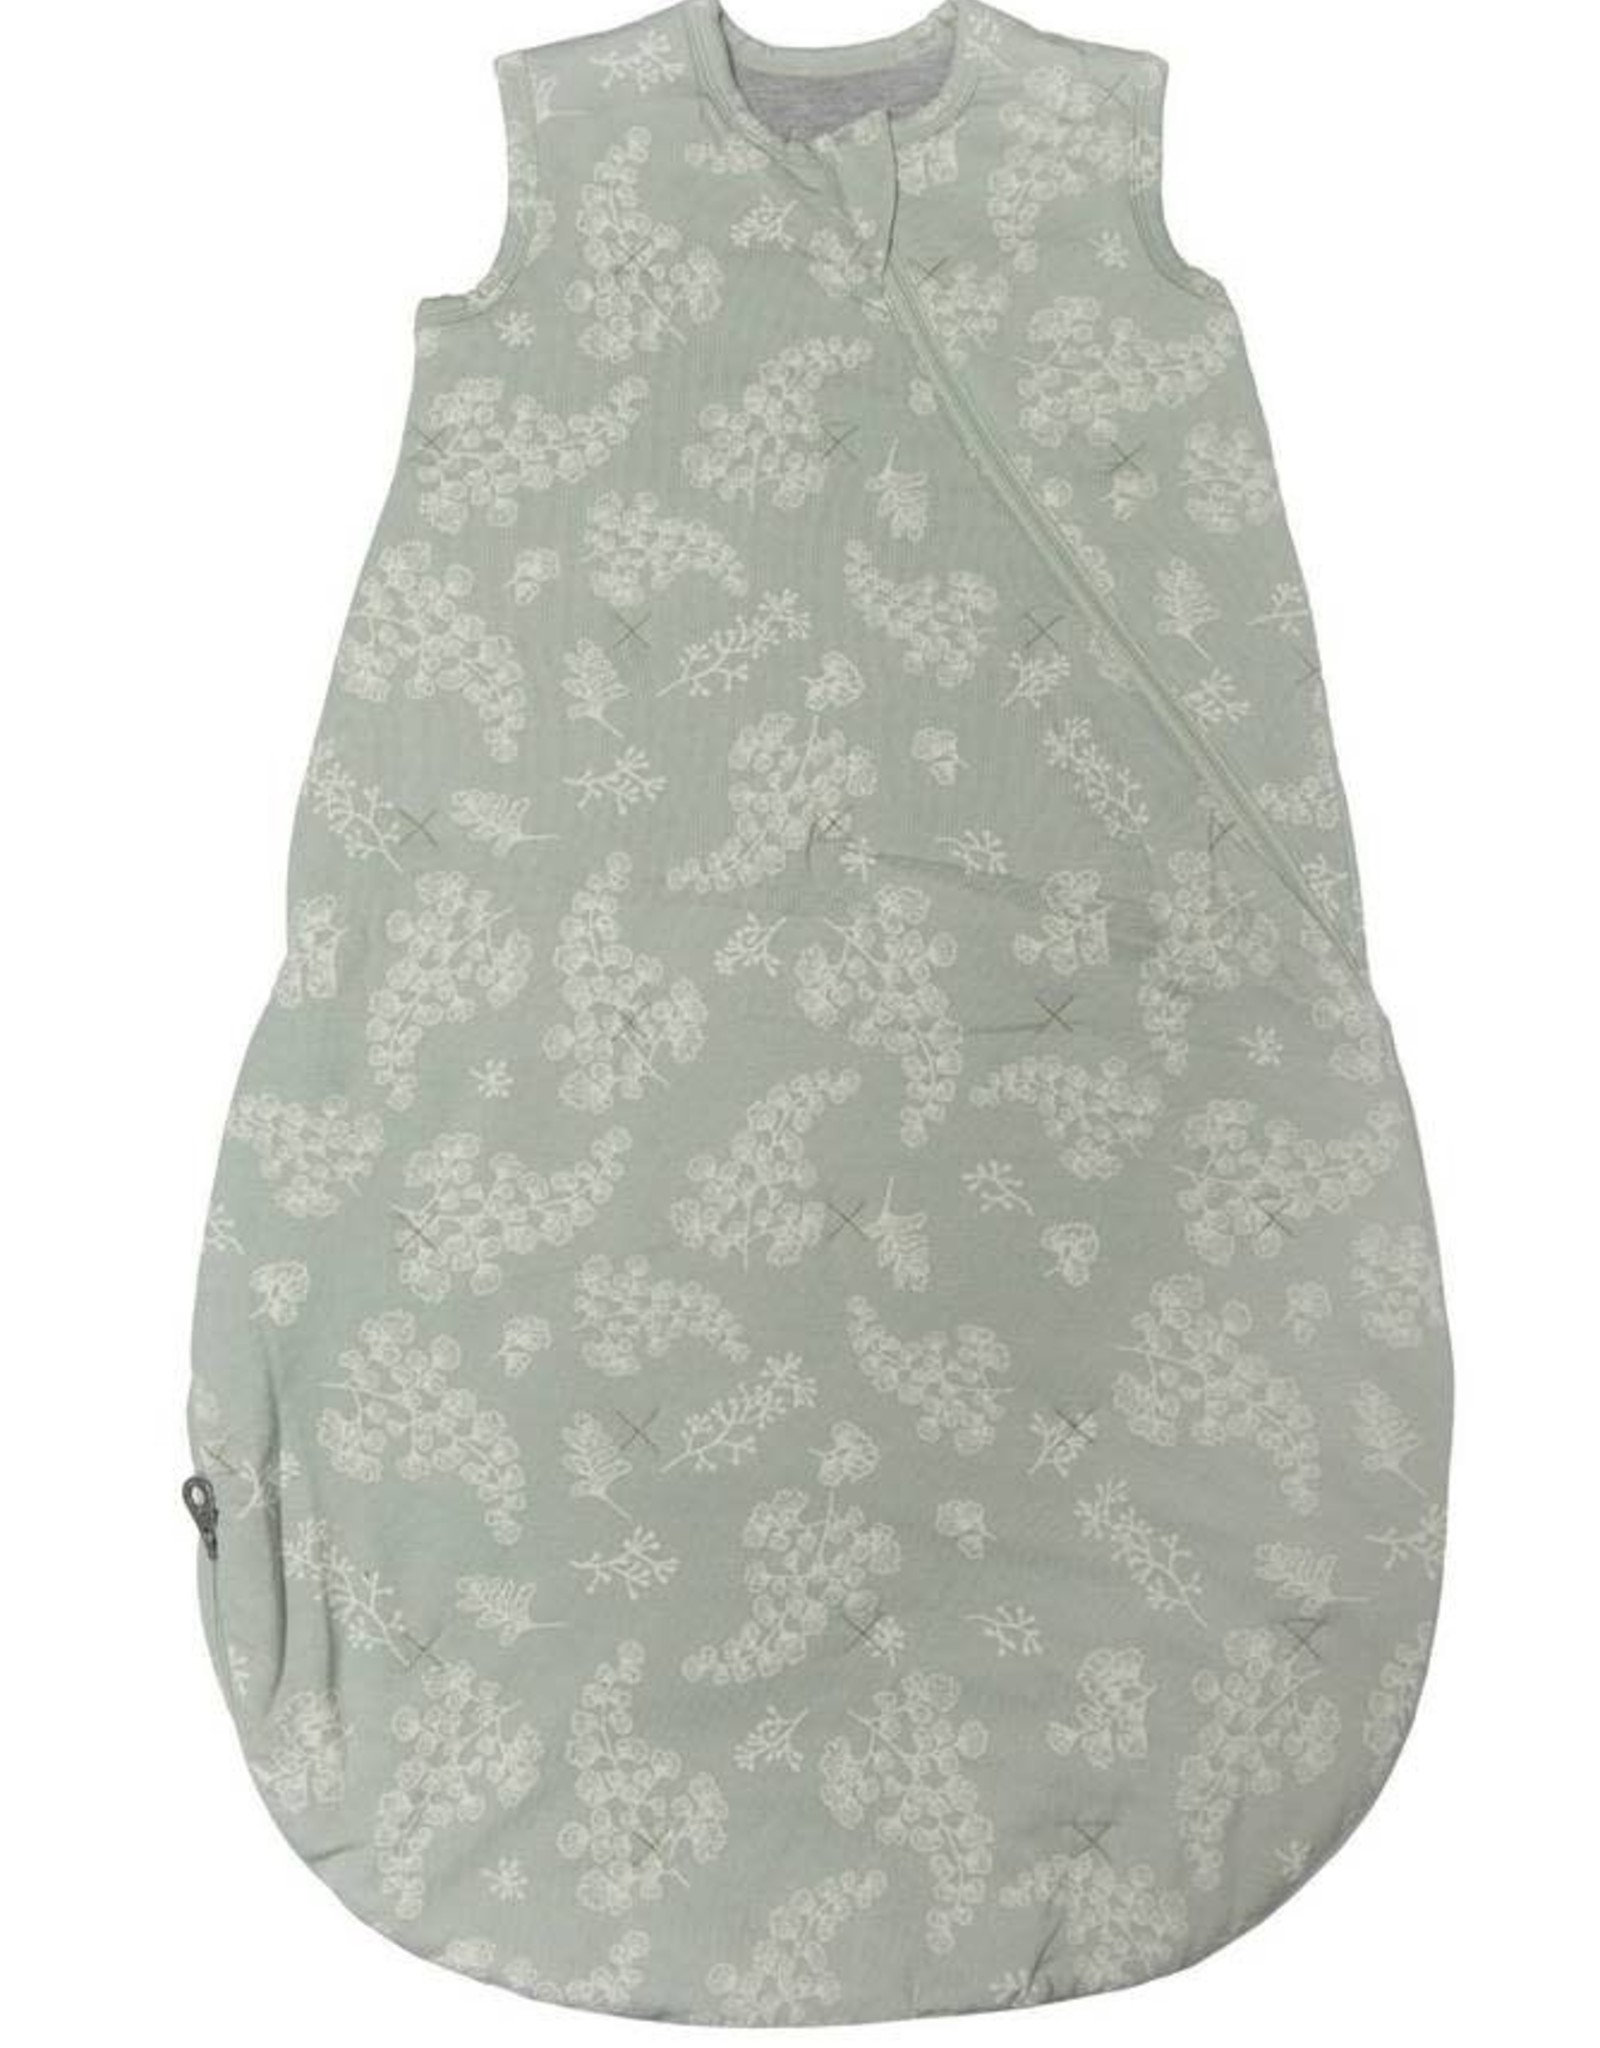 LouLou Lollipop LoulouLOLLIPOP Sleep Bag 2.5 Tog In TENCEL™ Fern